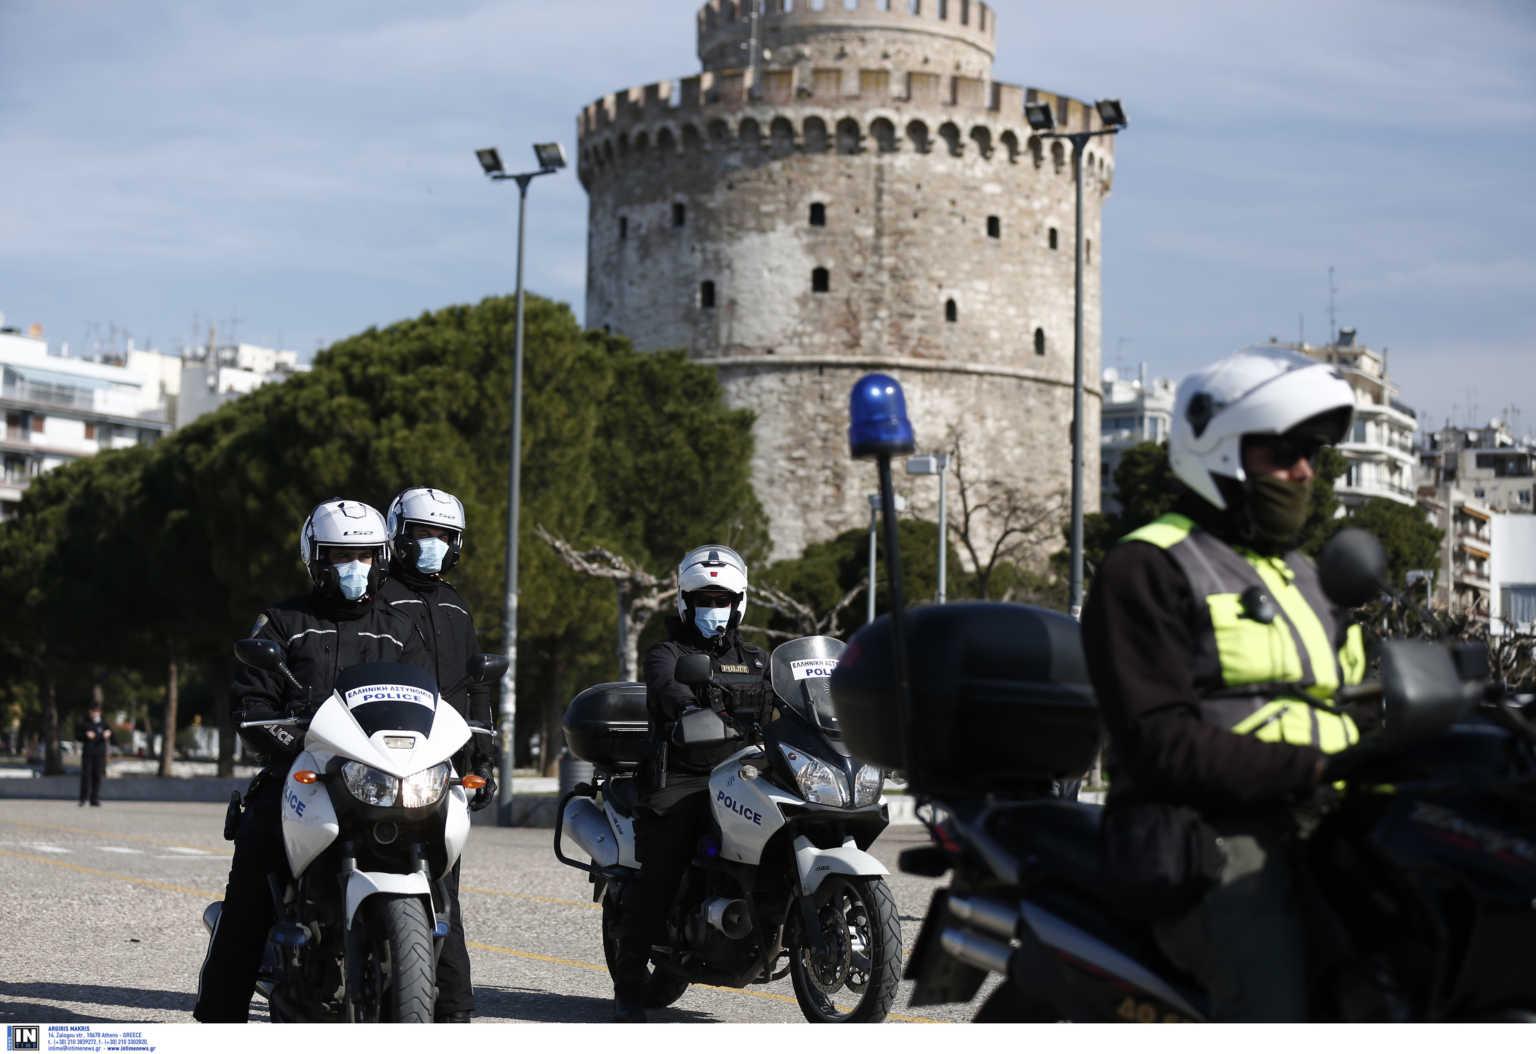 Λευκός Πύργος: Τρεις συλλήψεις για καταστροφές και μήνυση από τον Δήμο